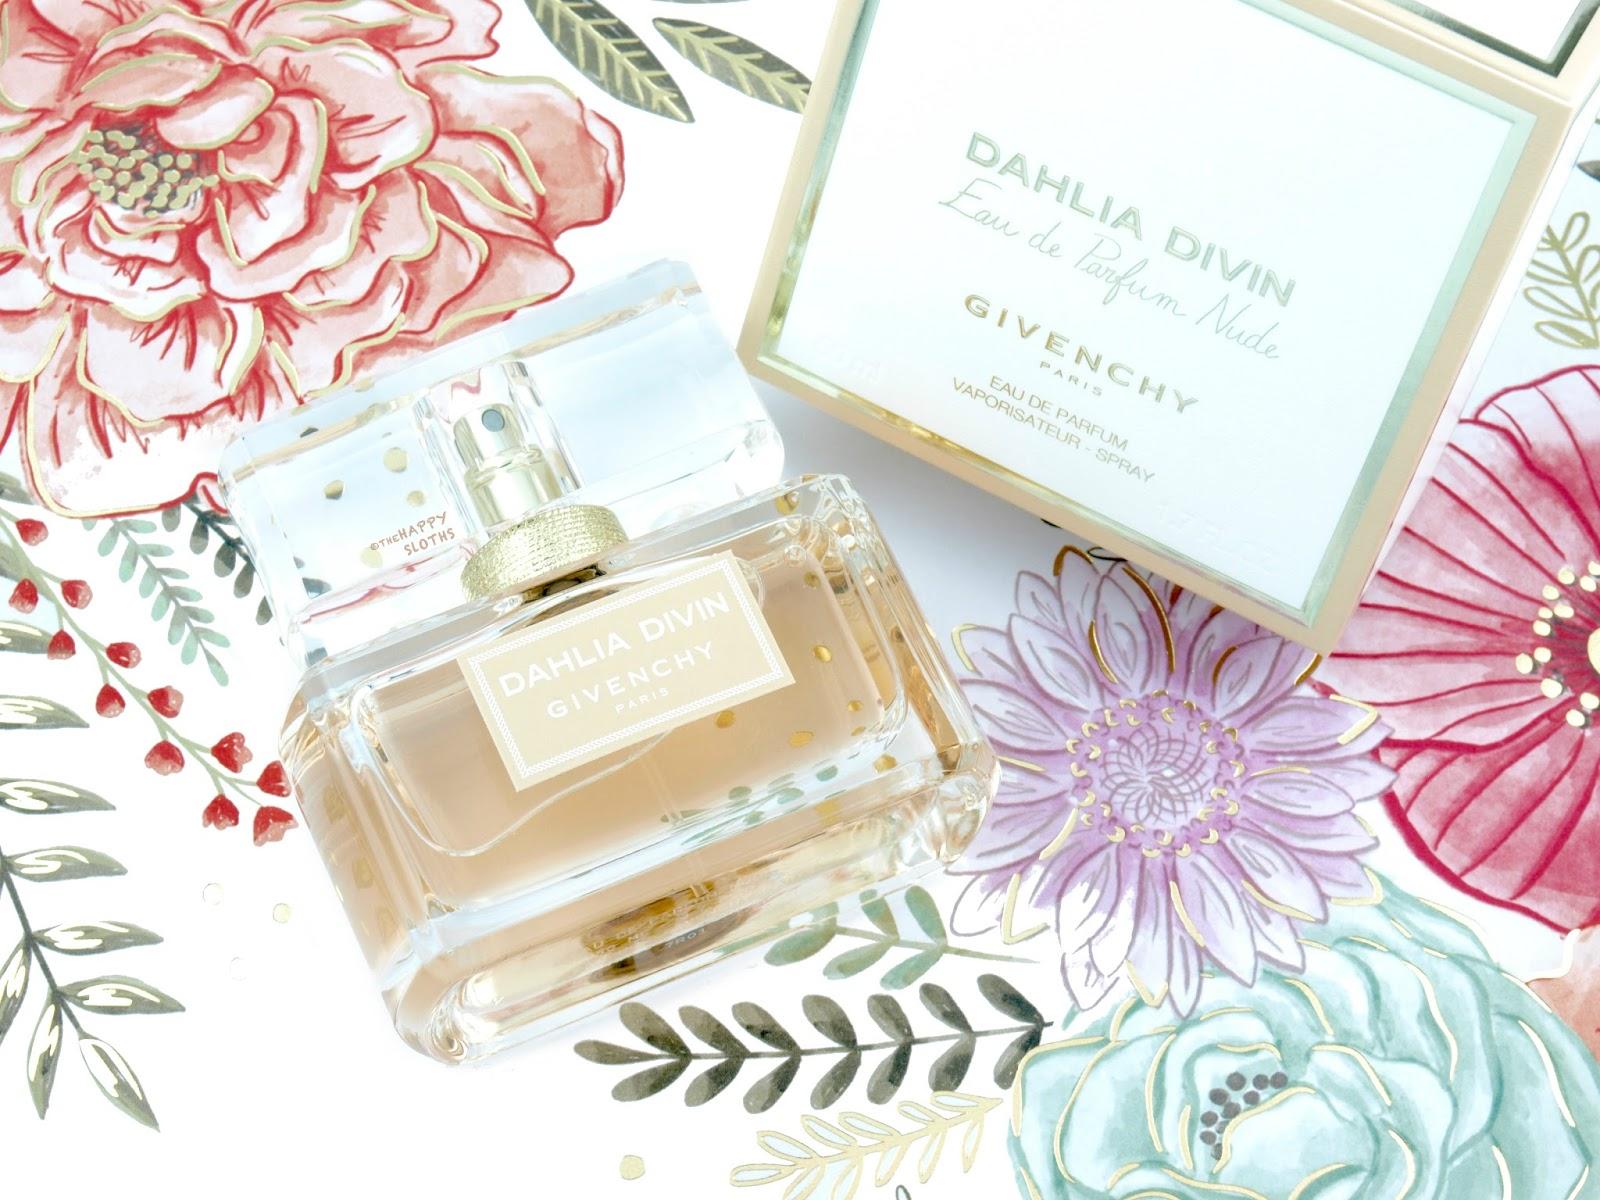 Givenchy | Dahlia Divin Nude Eau de Parfum: Review